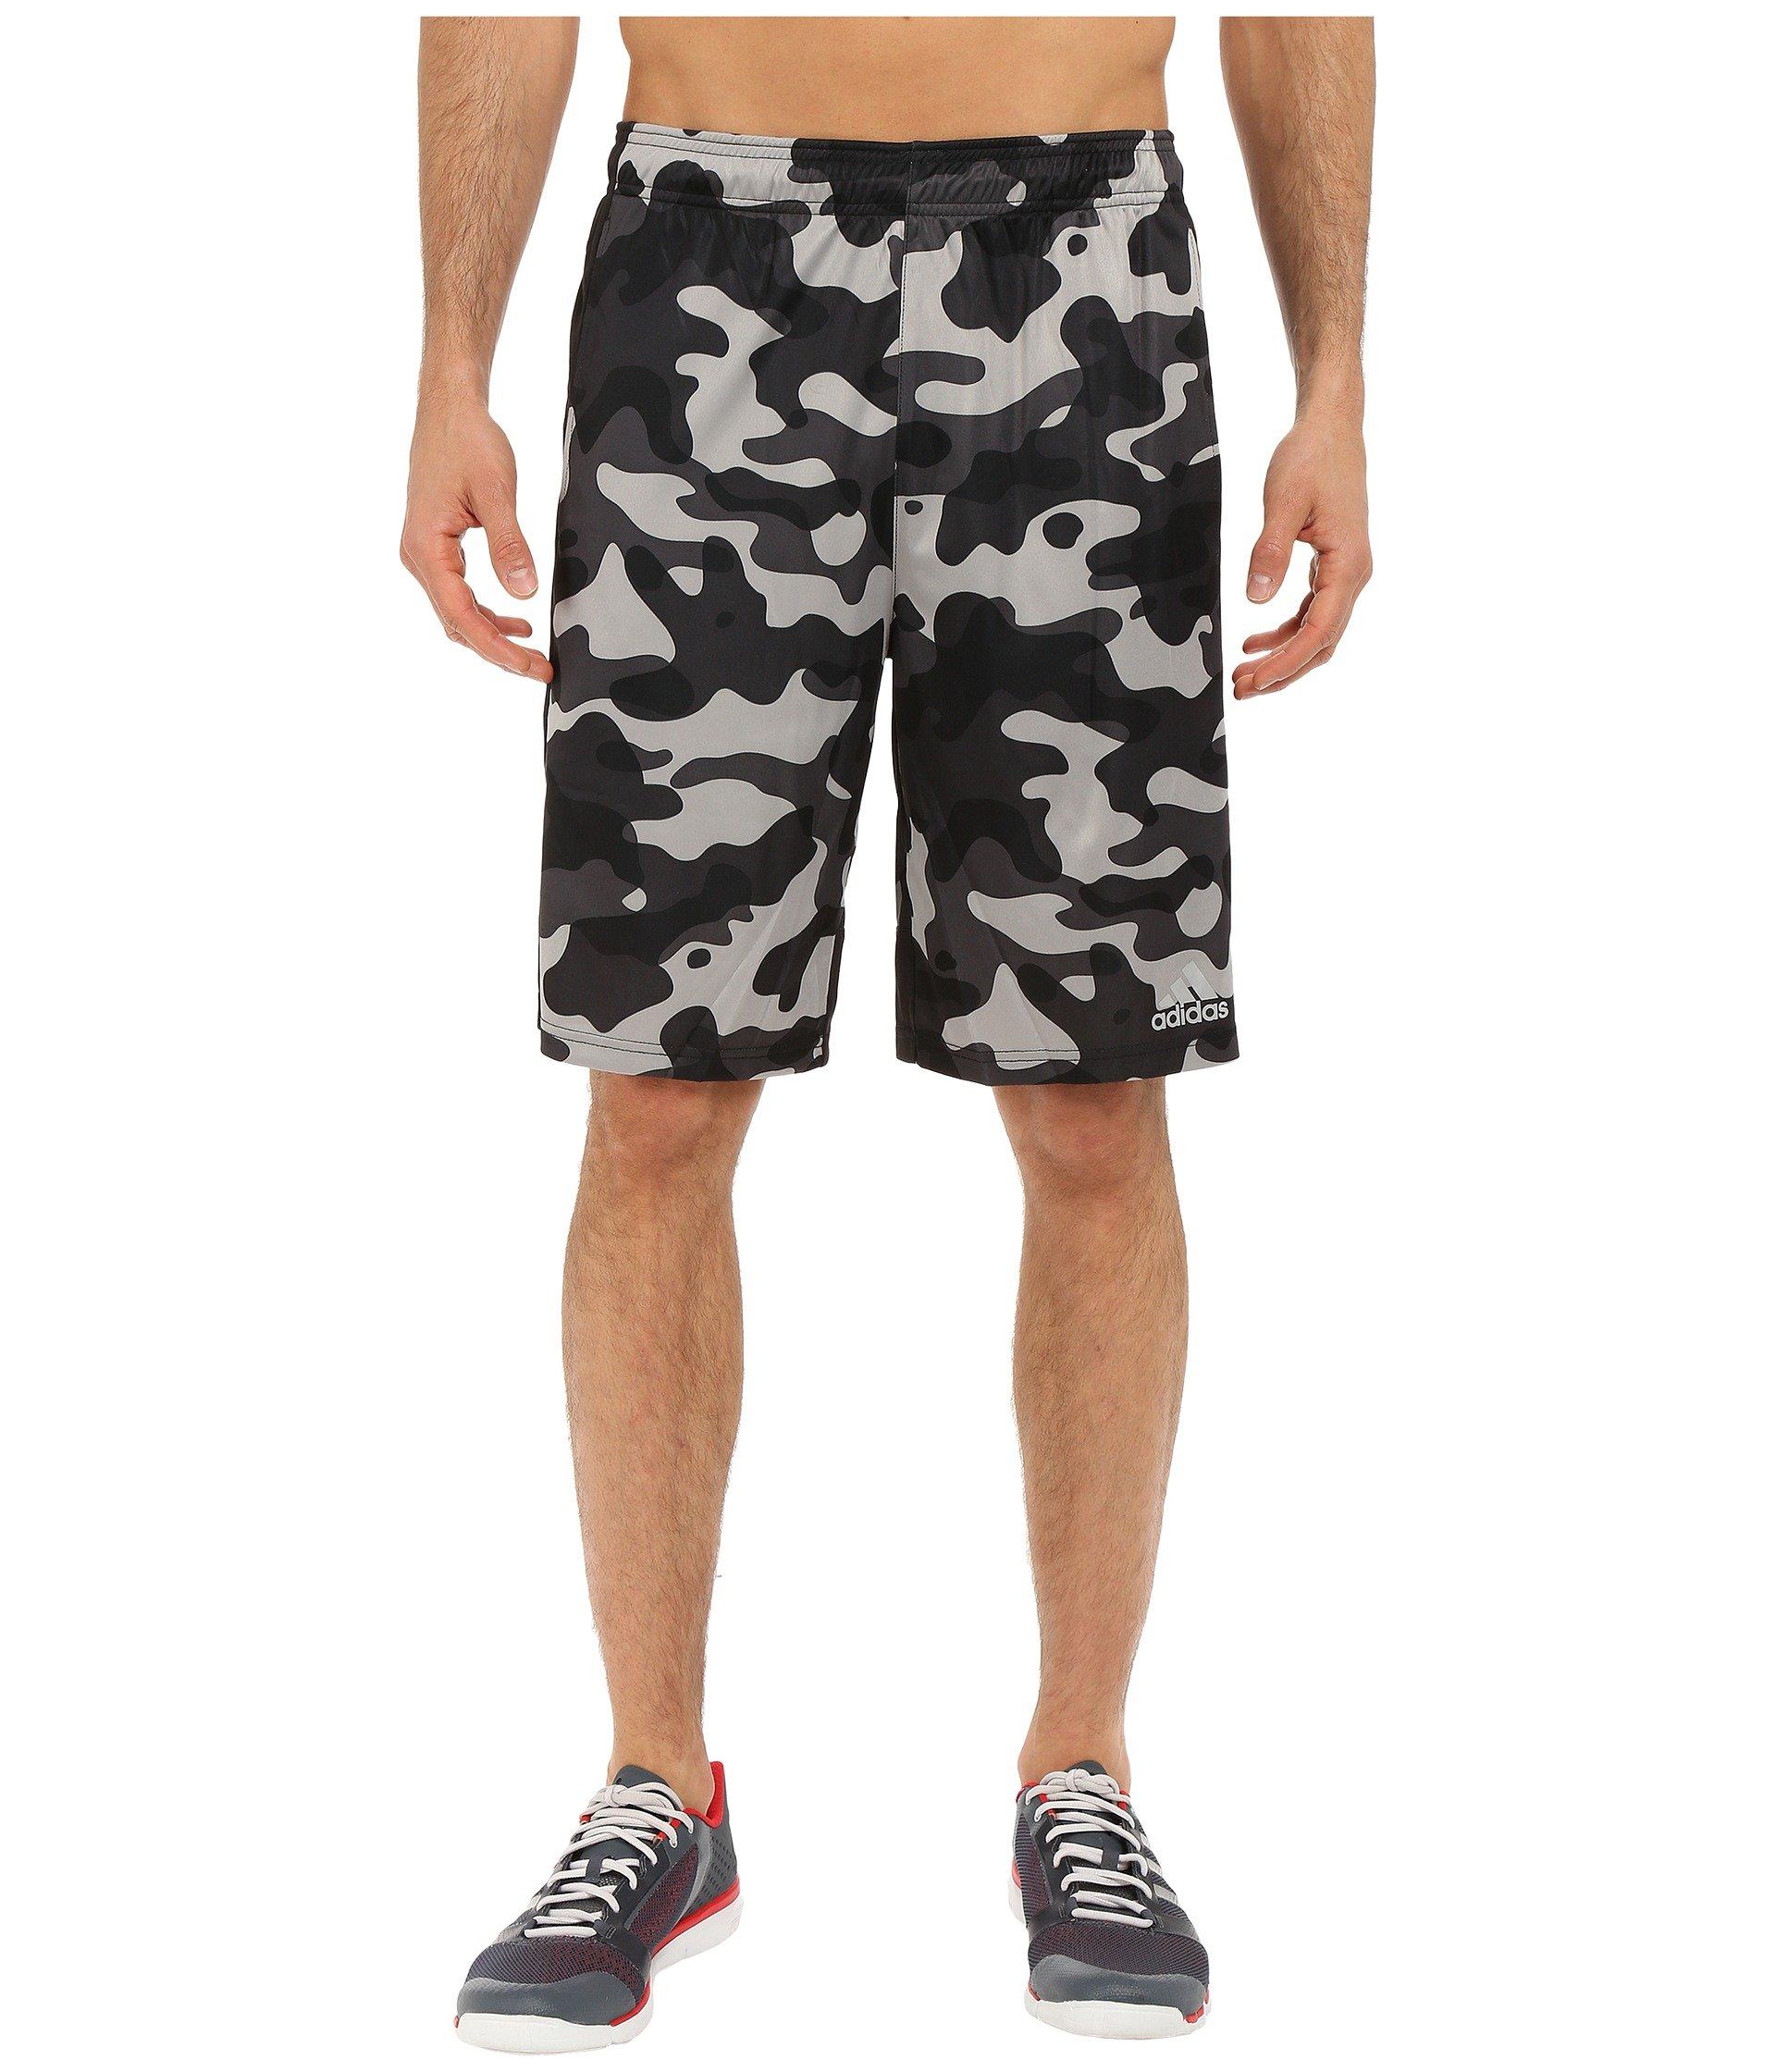 3322ce10a60f adidas Men's Climacore Camo Shorts, Black, Large